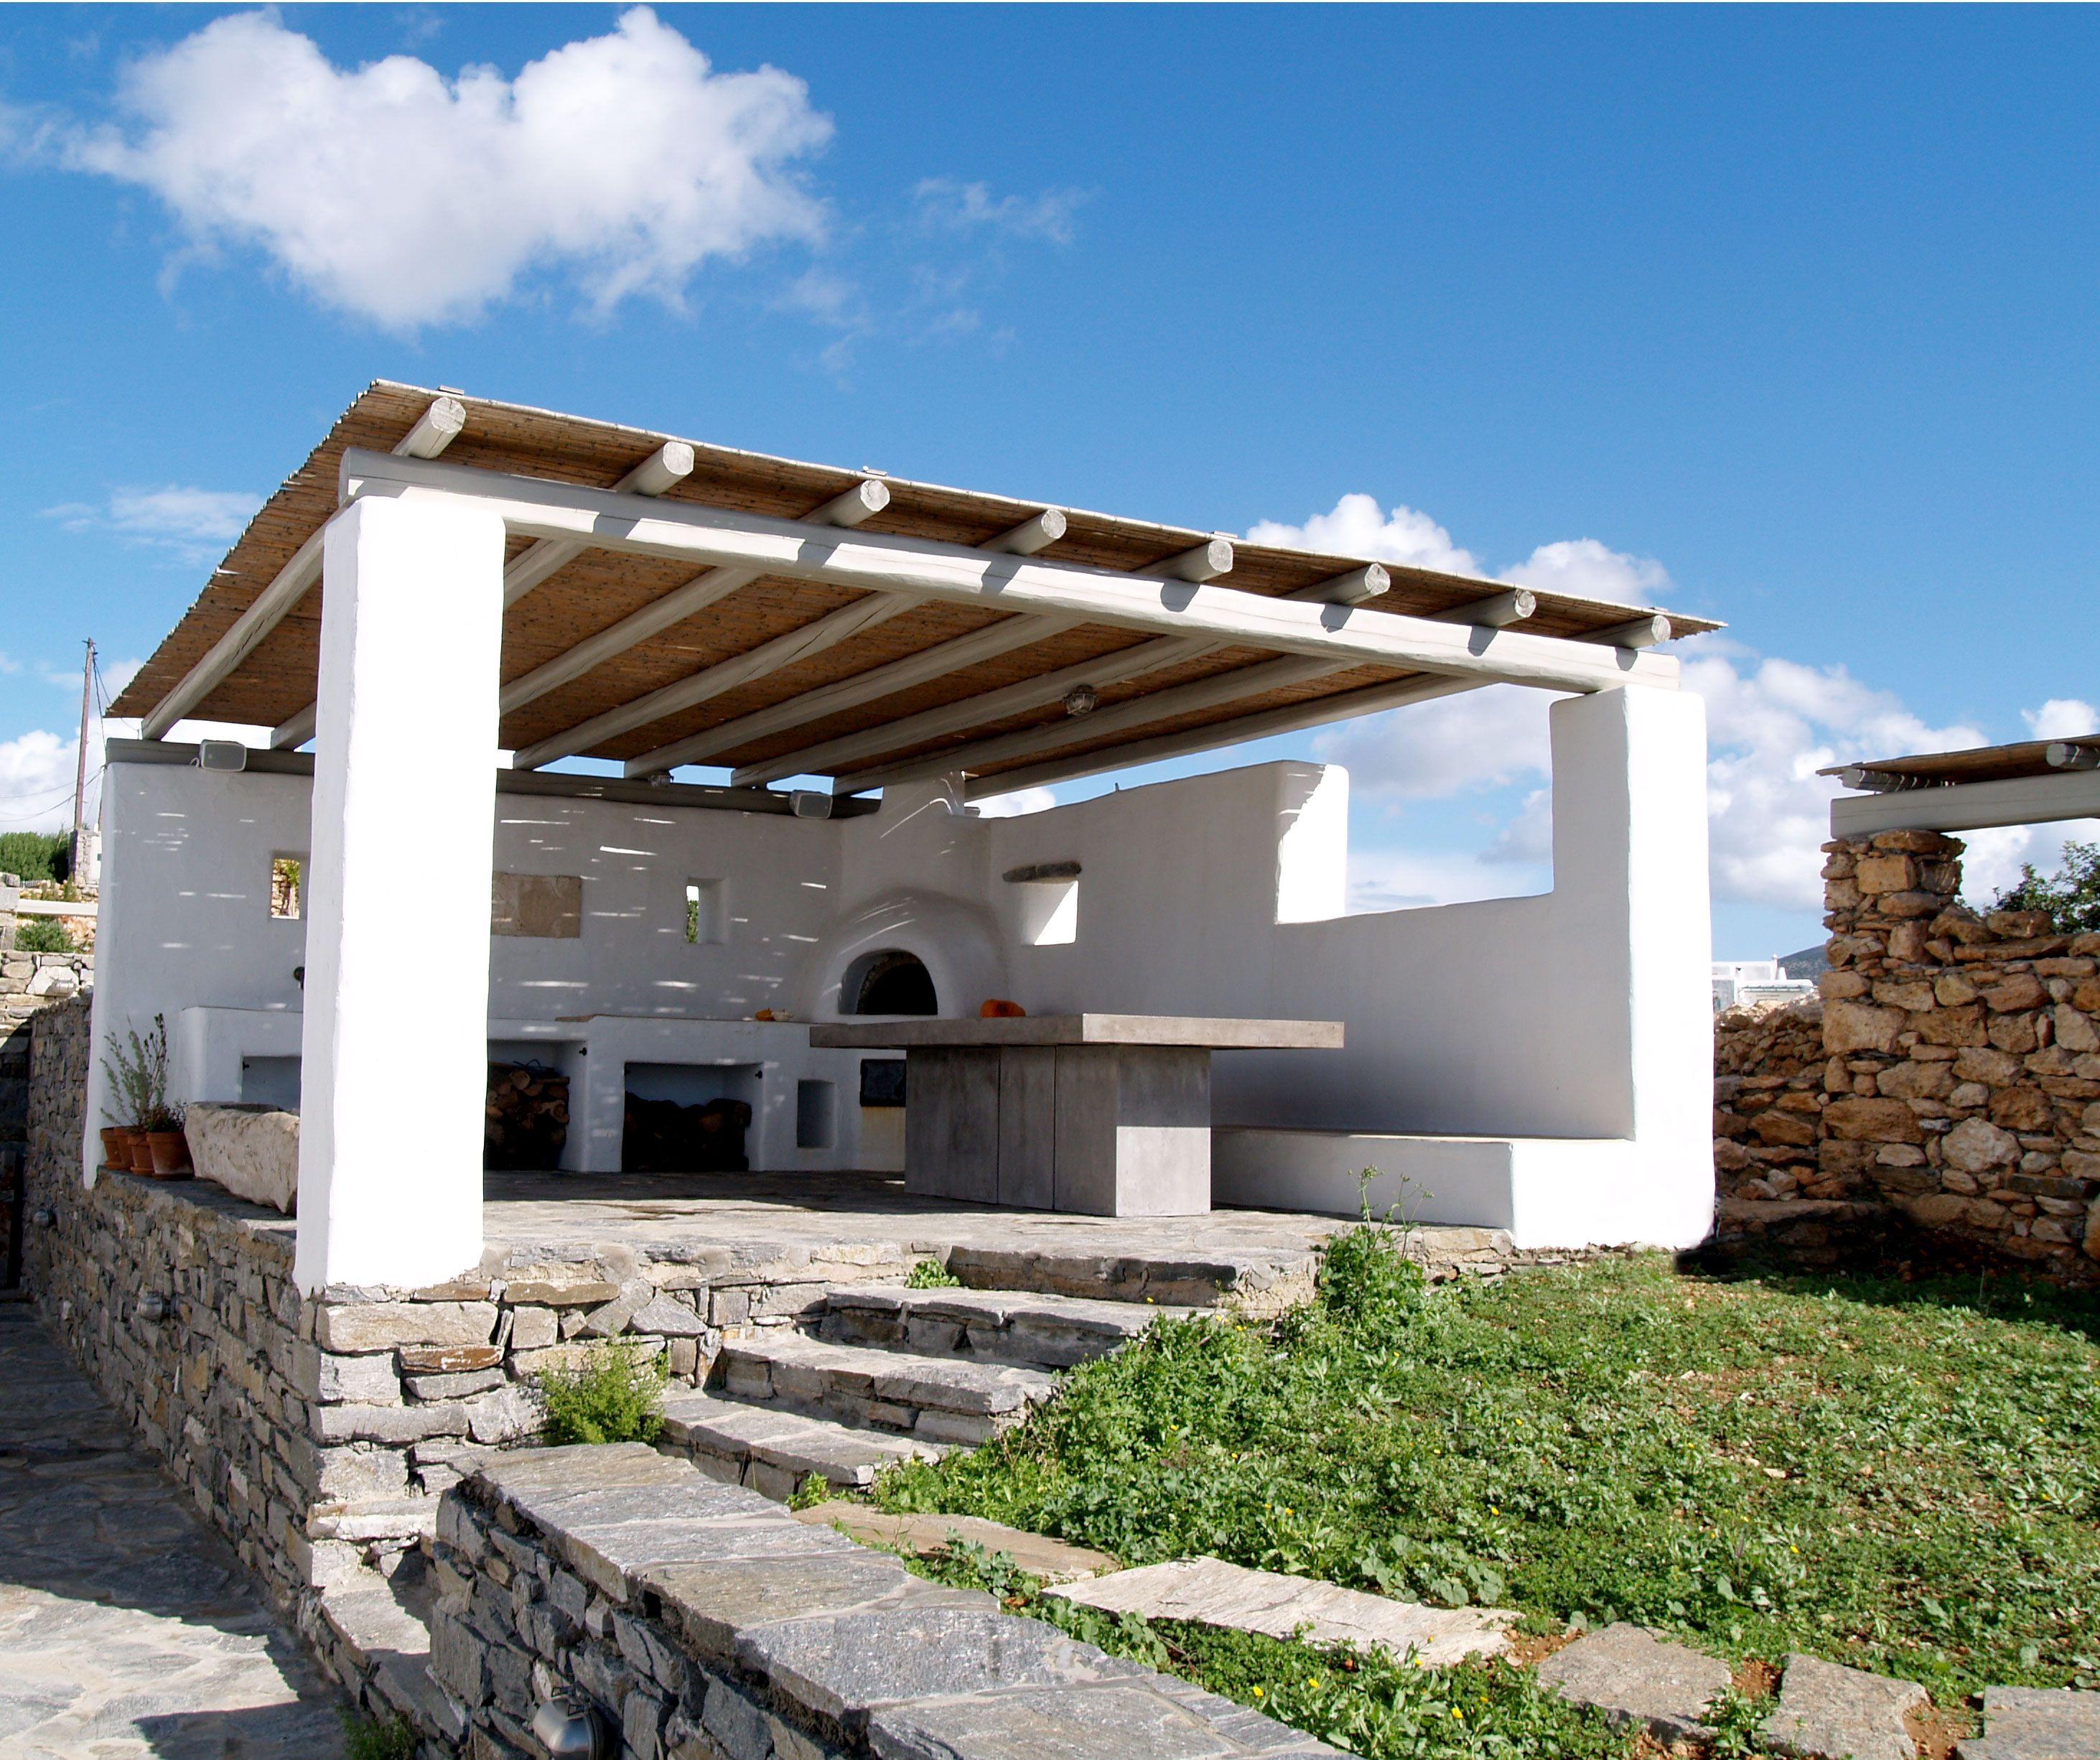 Adobe Greek Home - 4665ebb534c39af67d0ef2f9d8468129_Most Inspiring Adobe Greek Home - 4665ebb534c39af67d0ef2f9d8468129  HD_436852.jpg